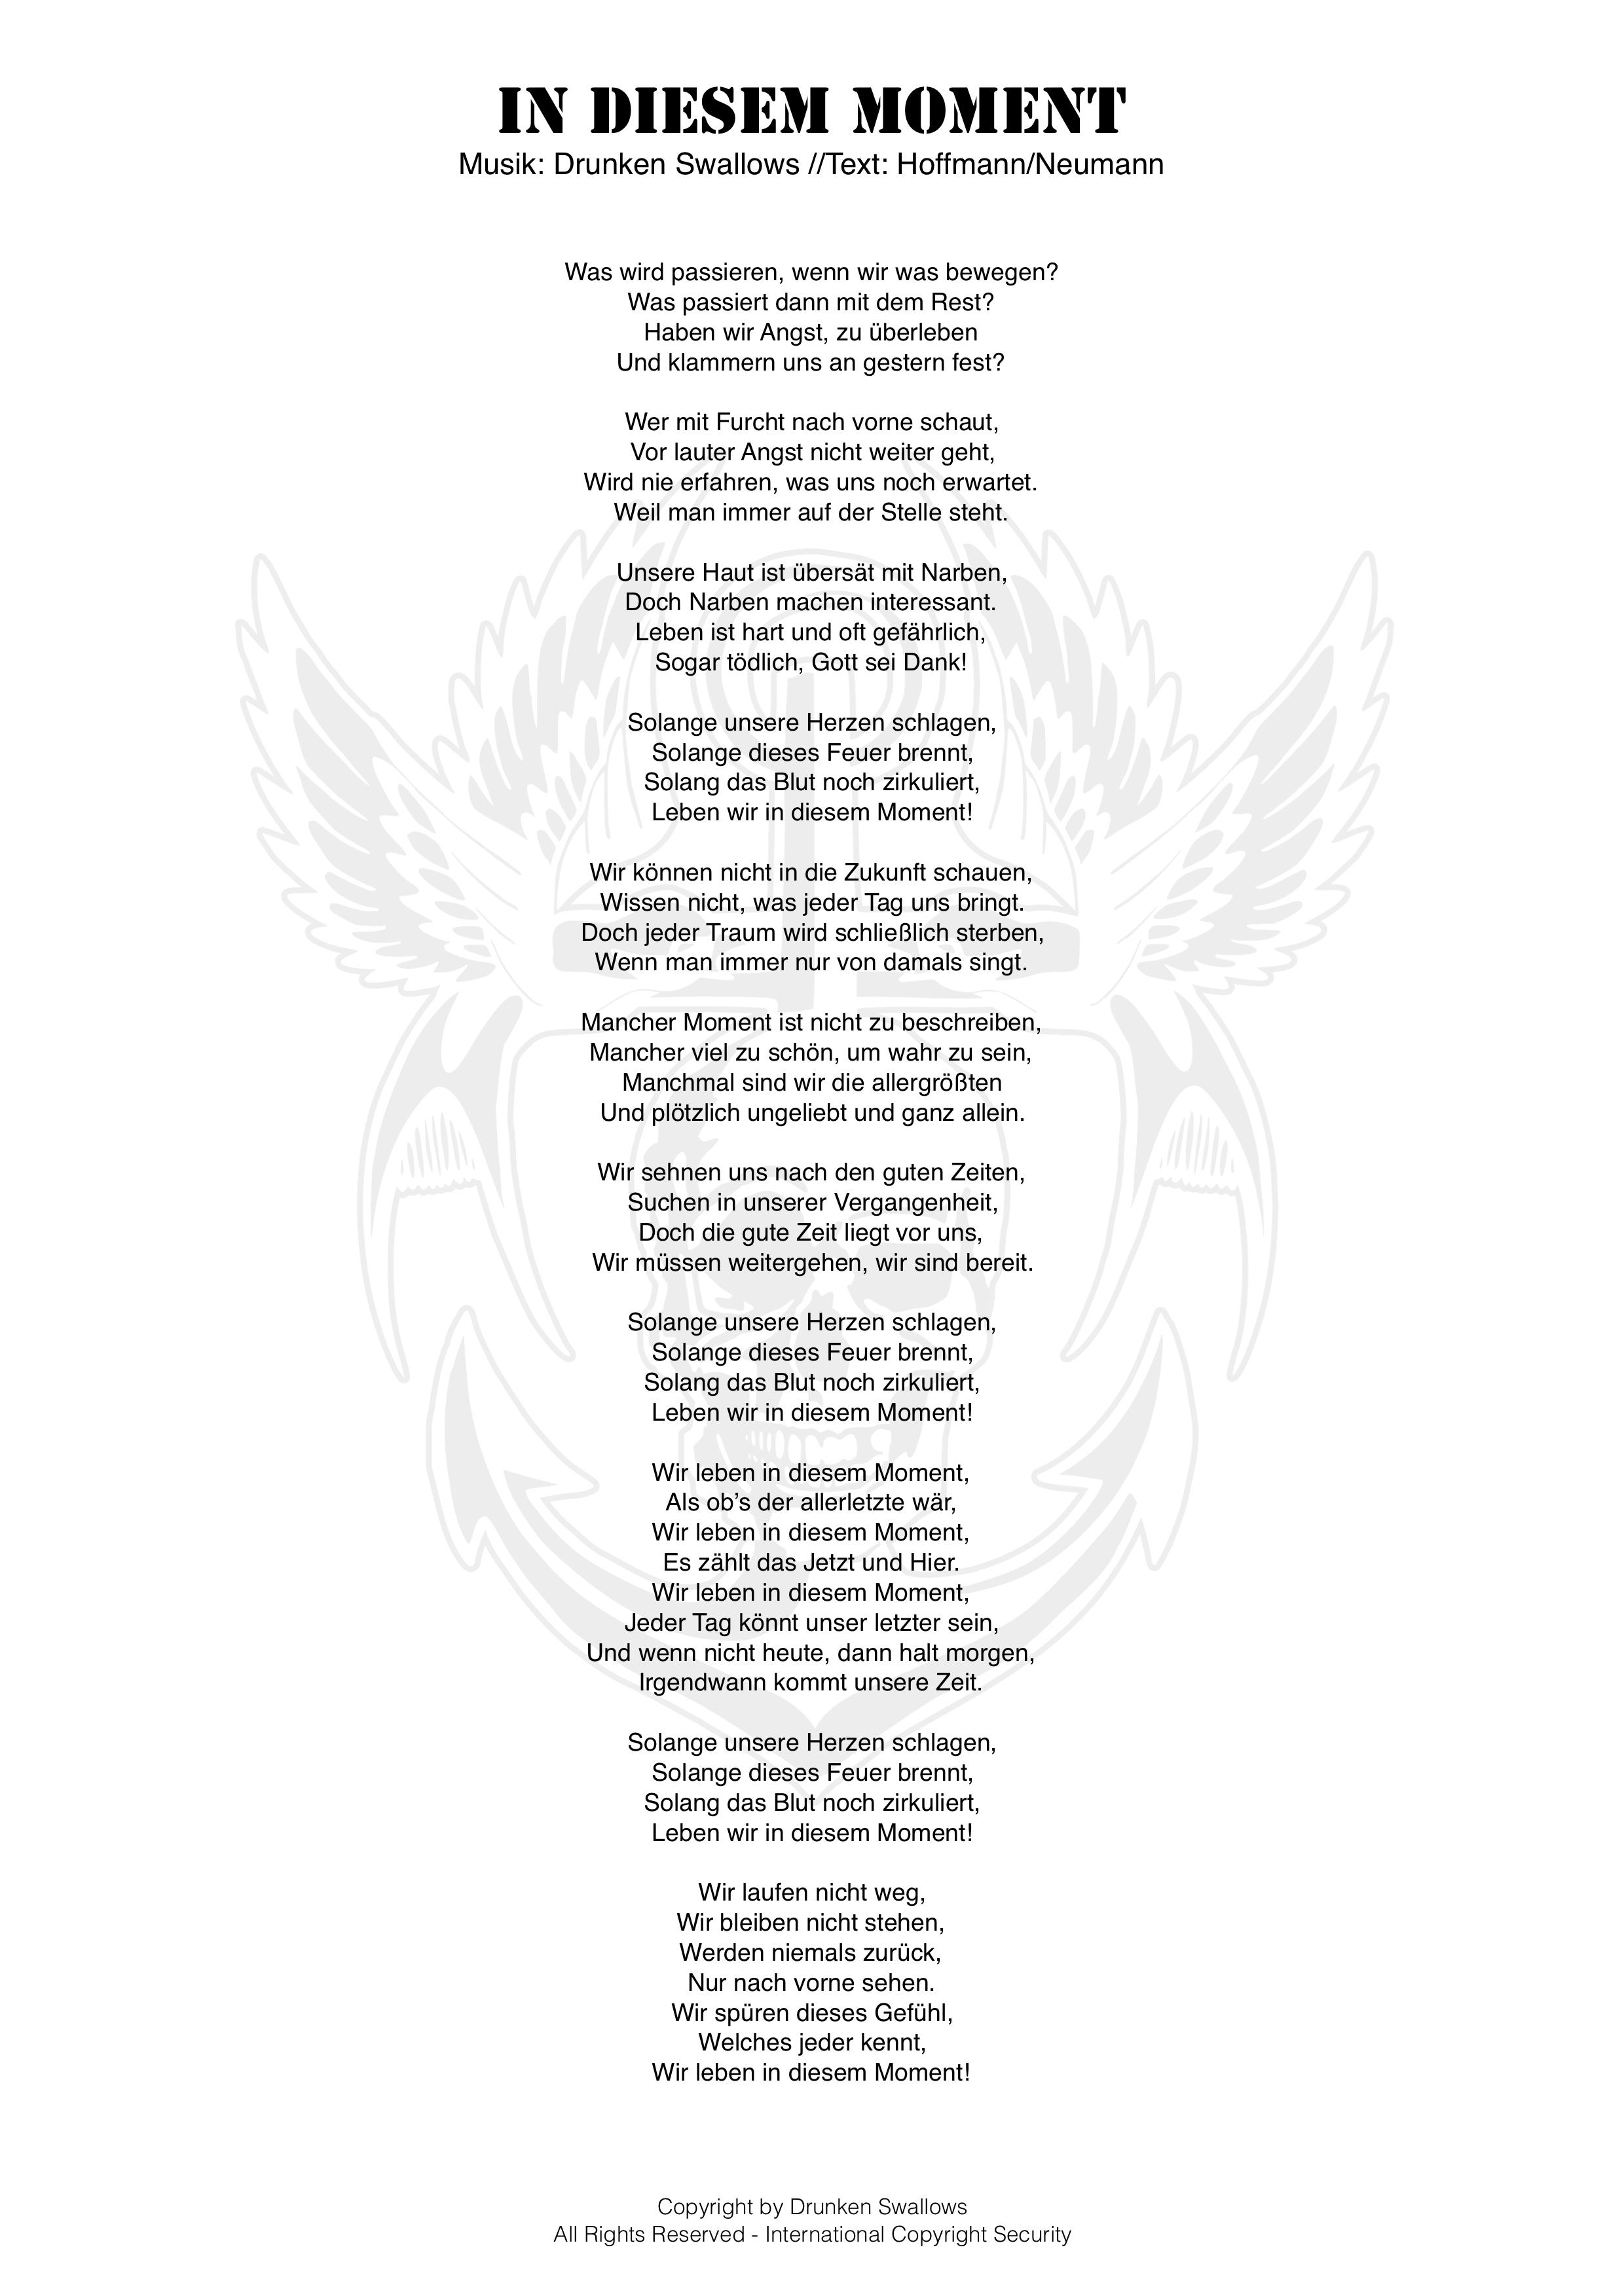 Liedtexte über das Gefühl allein